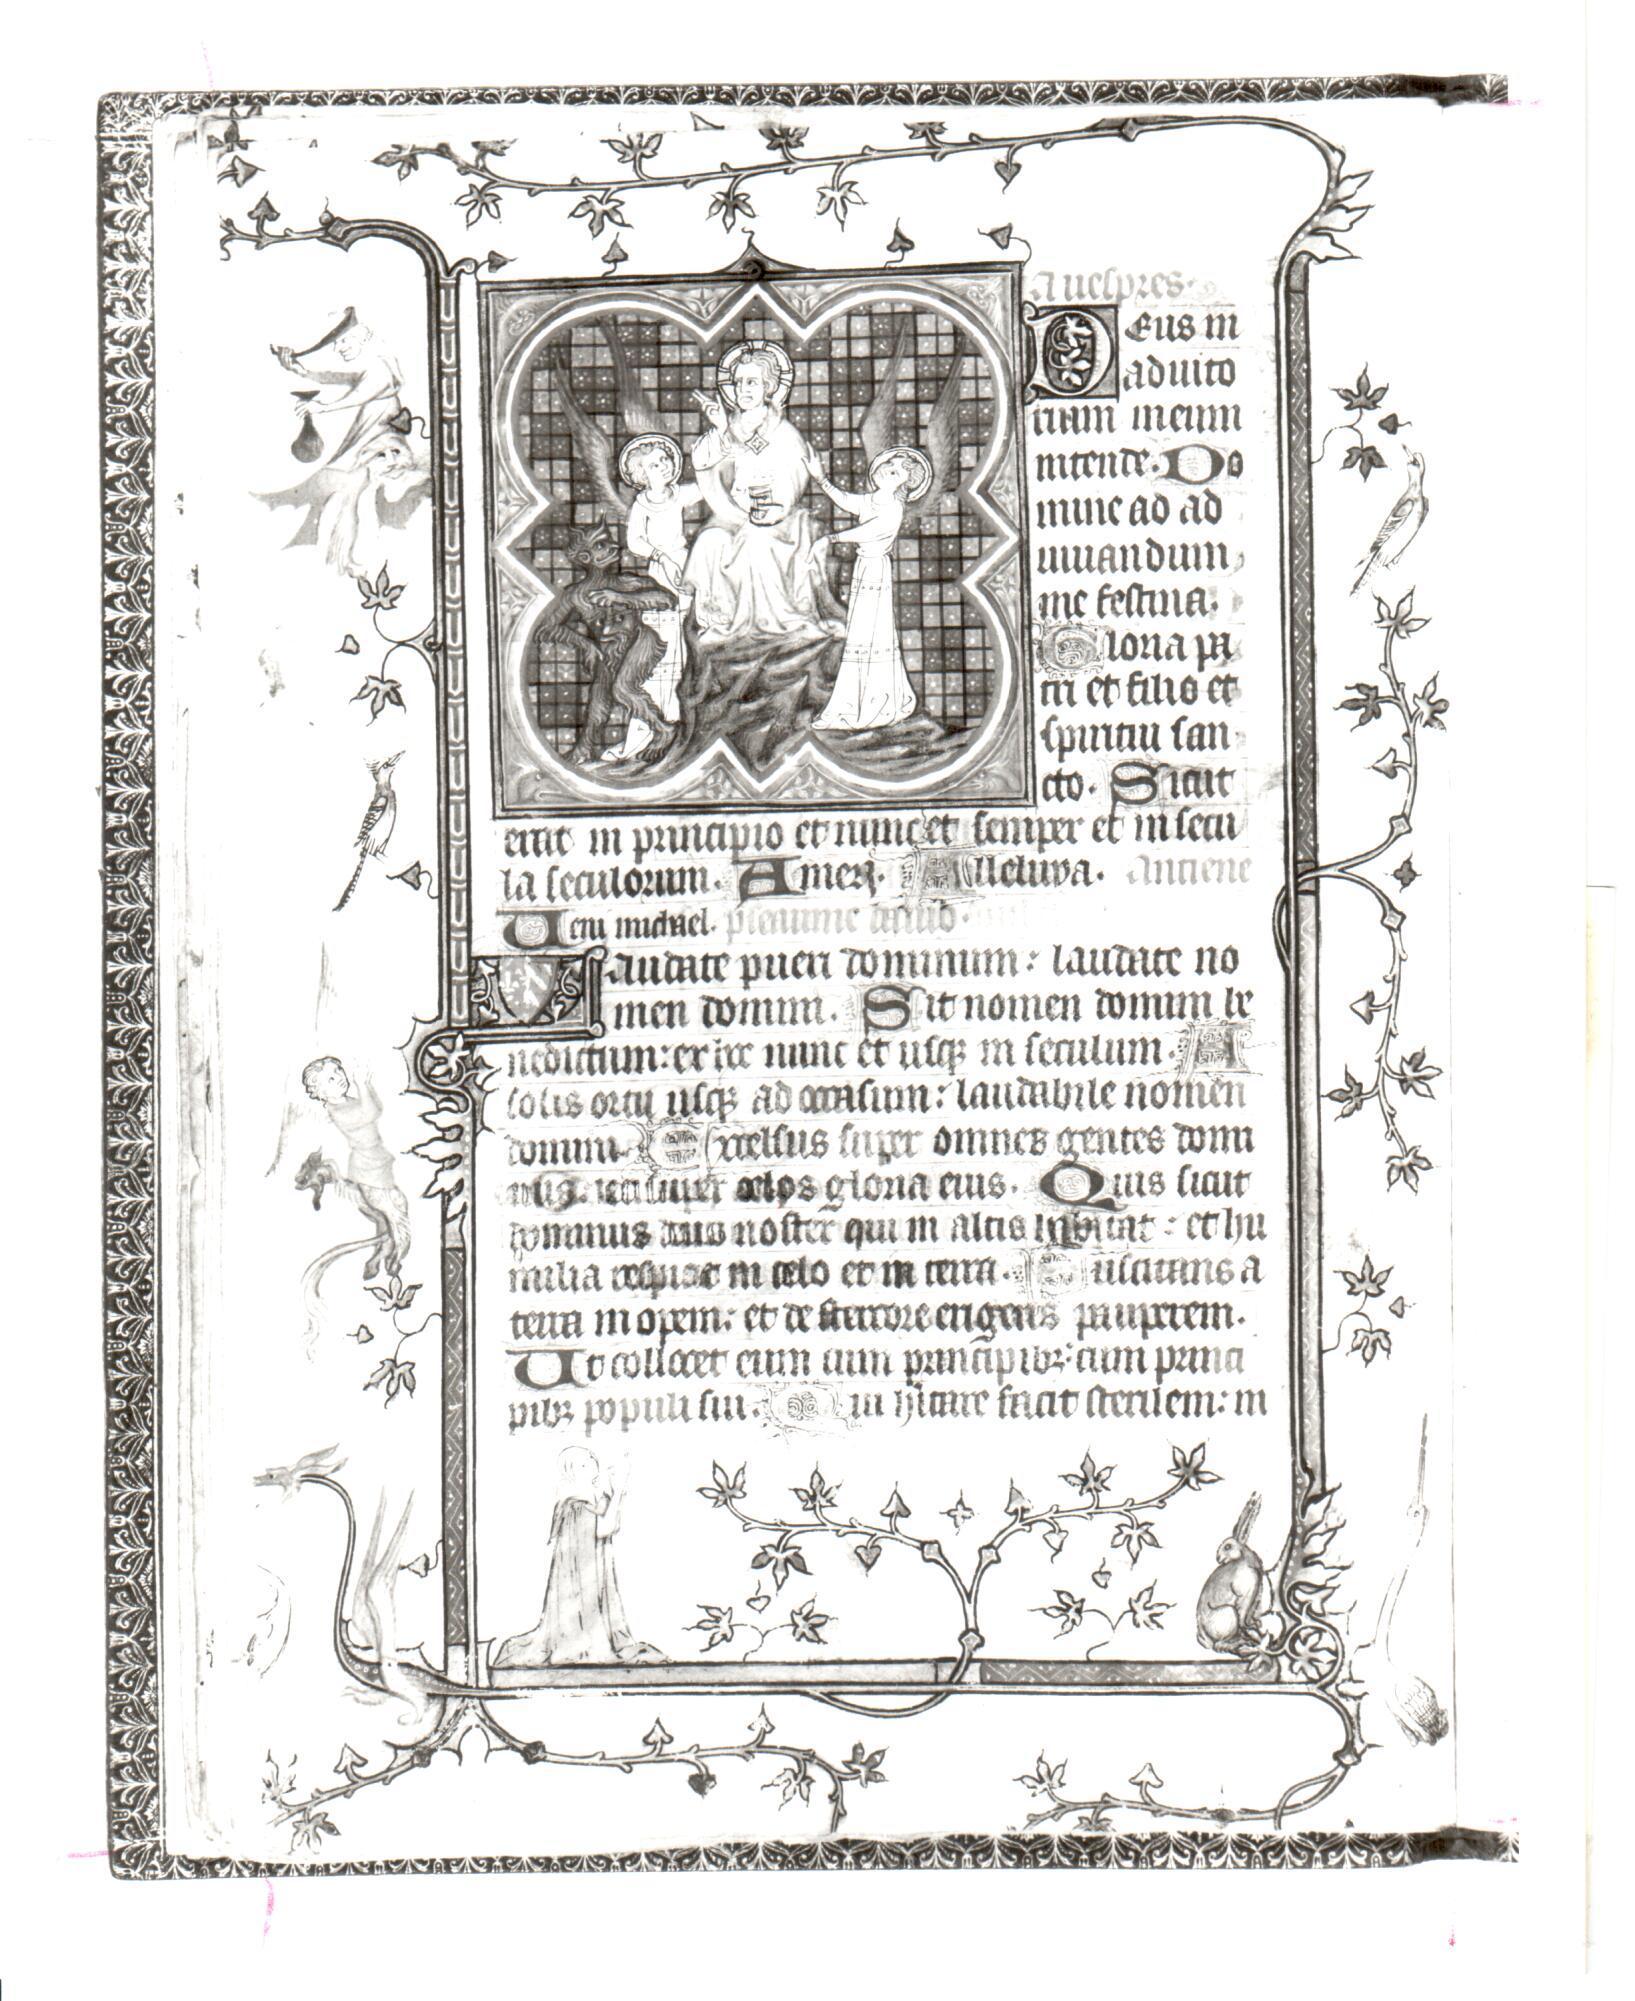 46. Beinecke MS 390, f. 12v